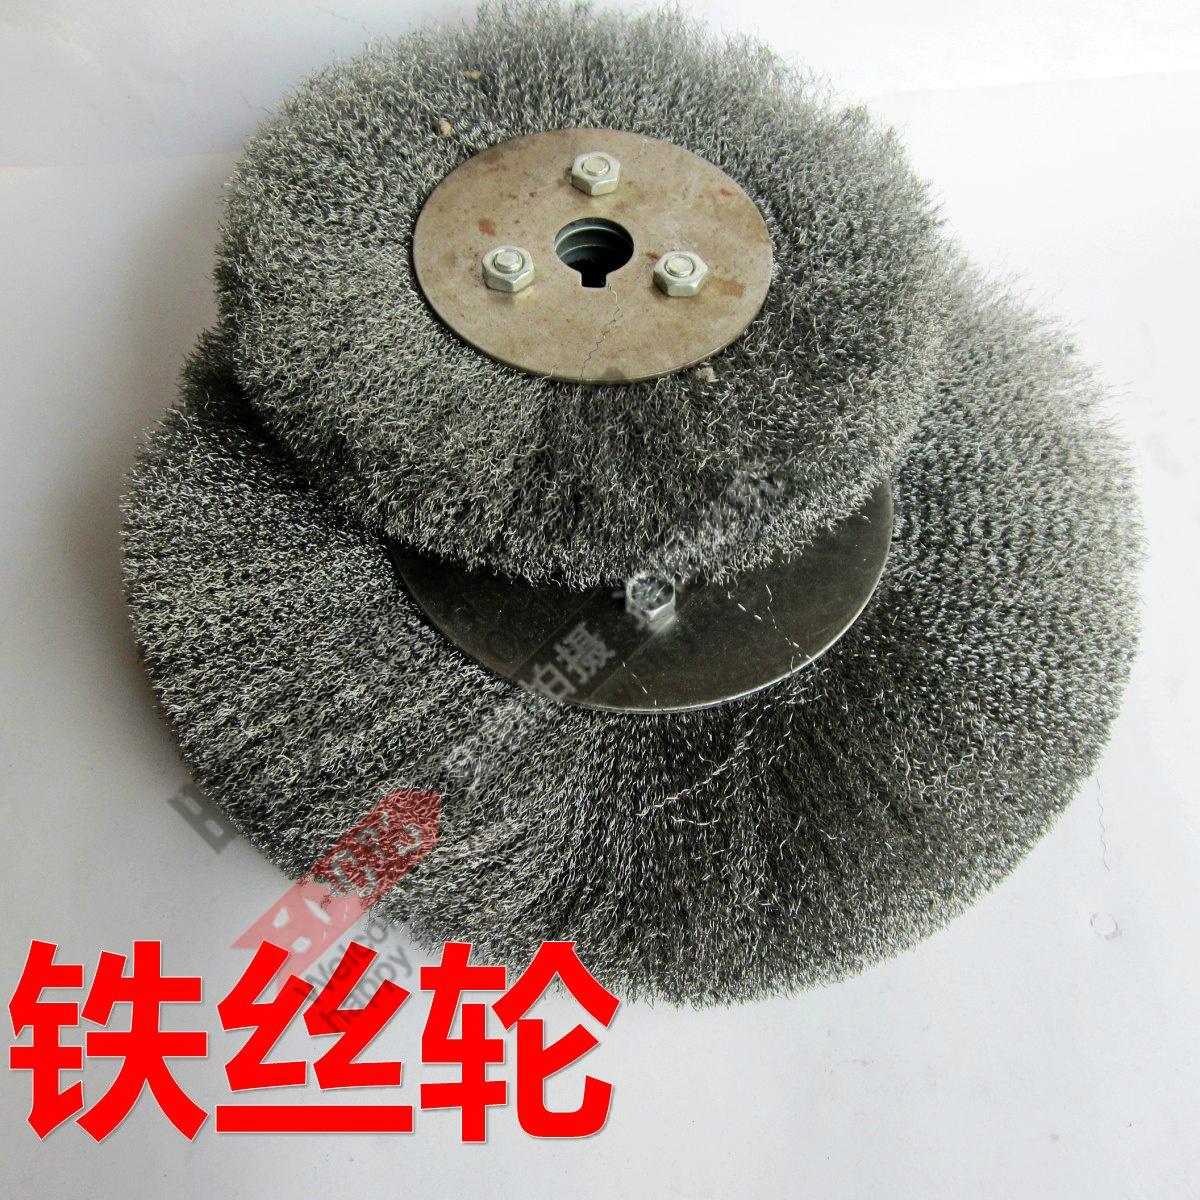 Щетка металлическая Чисто параллельной проволоки колесо мягкой проволоки, полировка колеса Деревообработка резьбы металла от ржавчины полированной углерода колеса